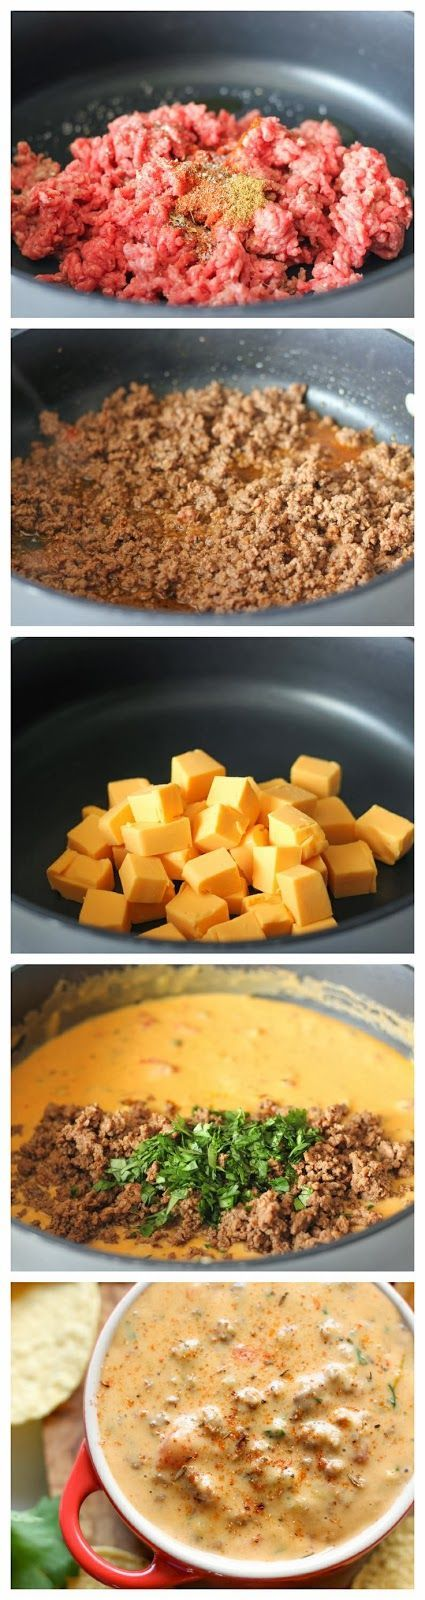 Cheese sauce, ground beef and a bit of cream to macaroni Salsa de queso, carne picada de ternera y un poco de nata para macarrones Subido de Pinterest. http://www.isladelecturas.es/index.php/noticias/libros/835-las-aventuras-de-indiana-juana-de-jaime-fuster A la venta en AMAZON. Feliz lectura.